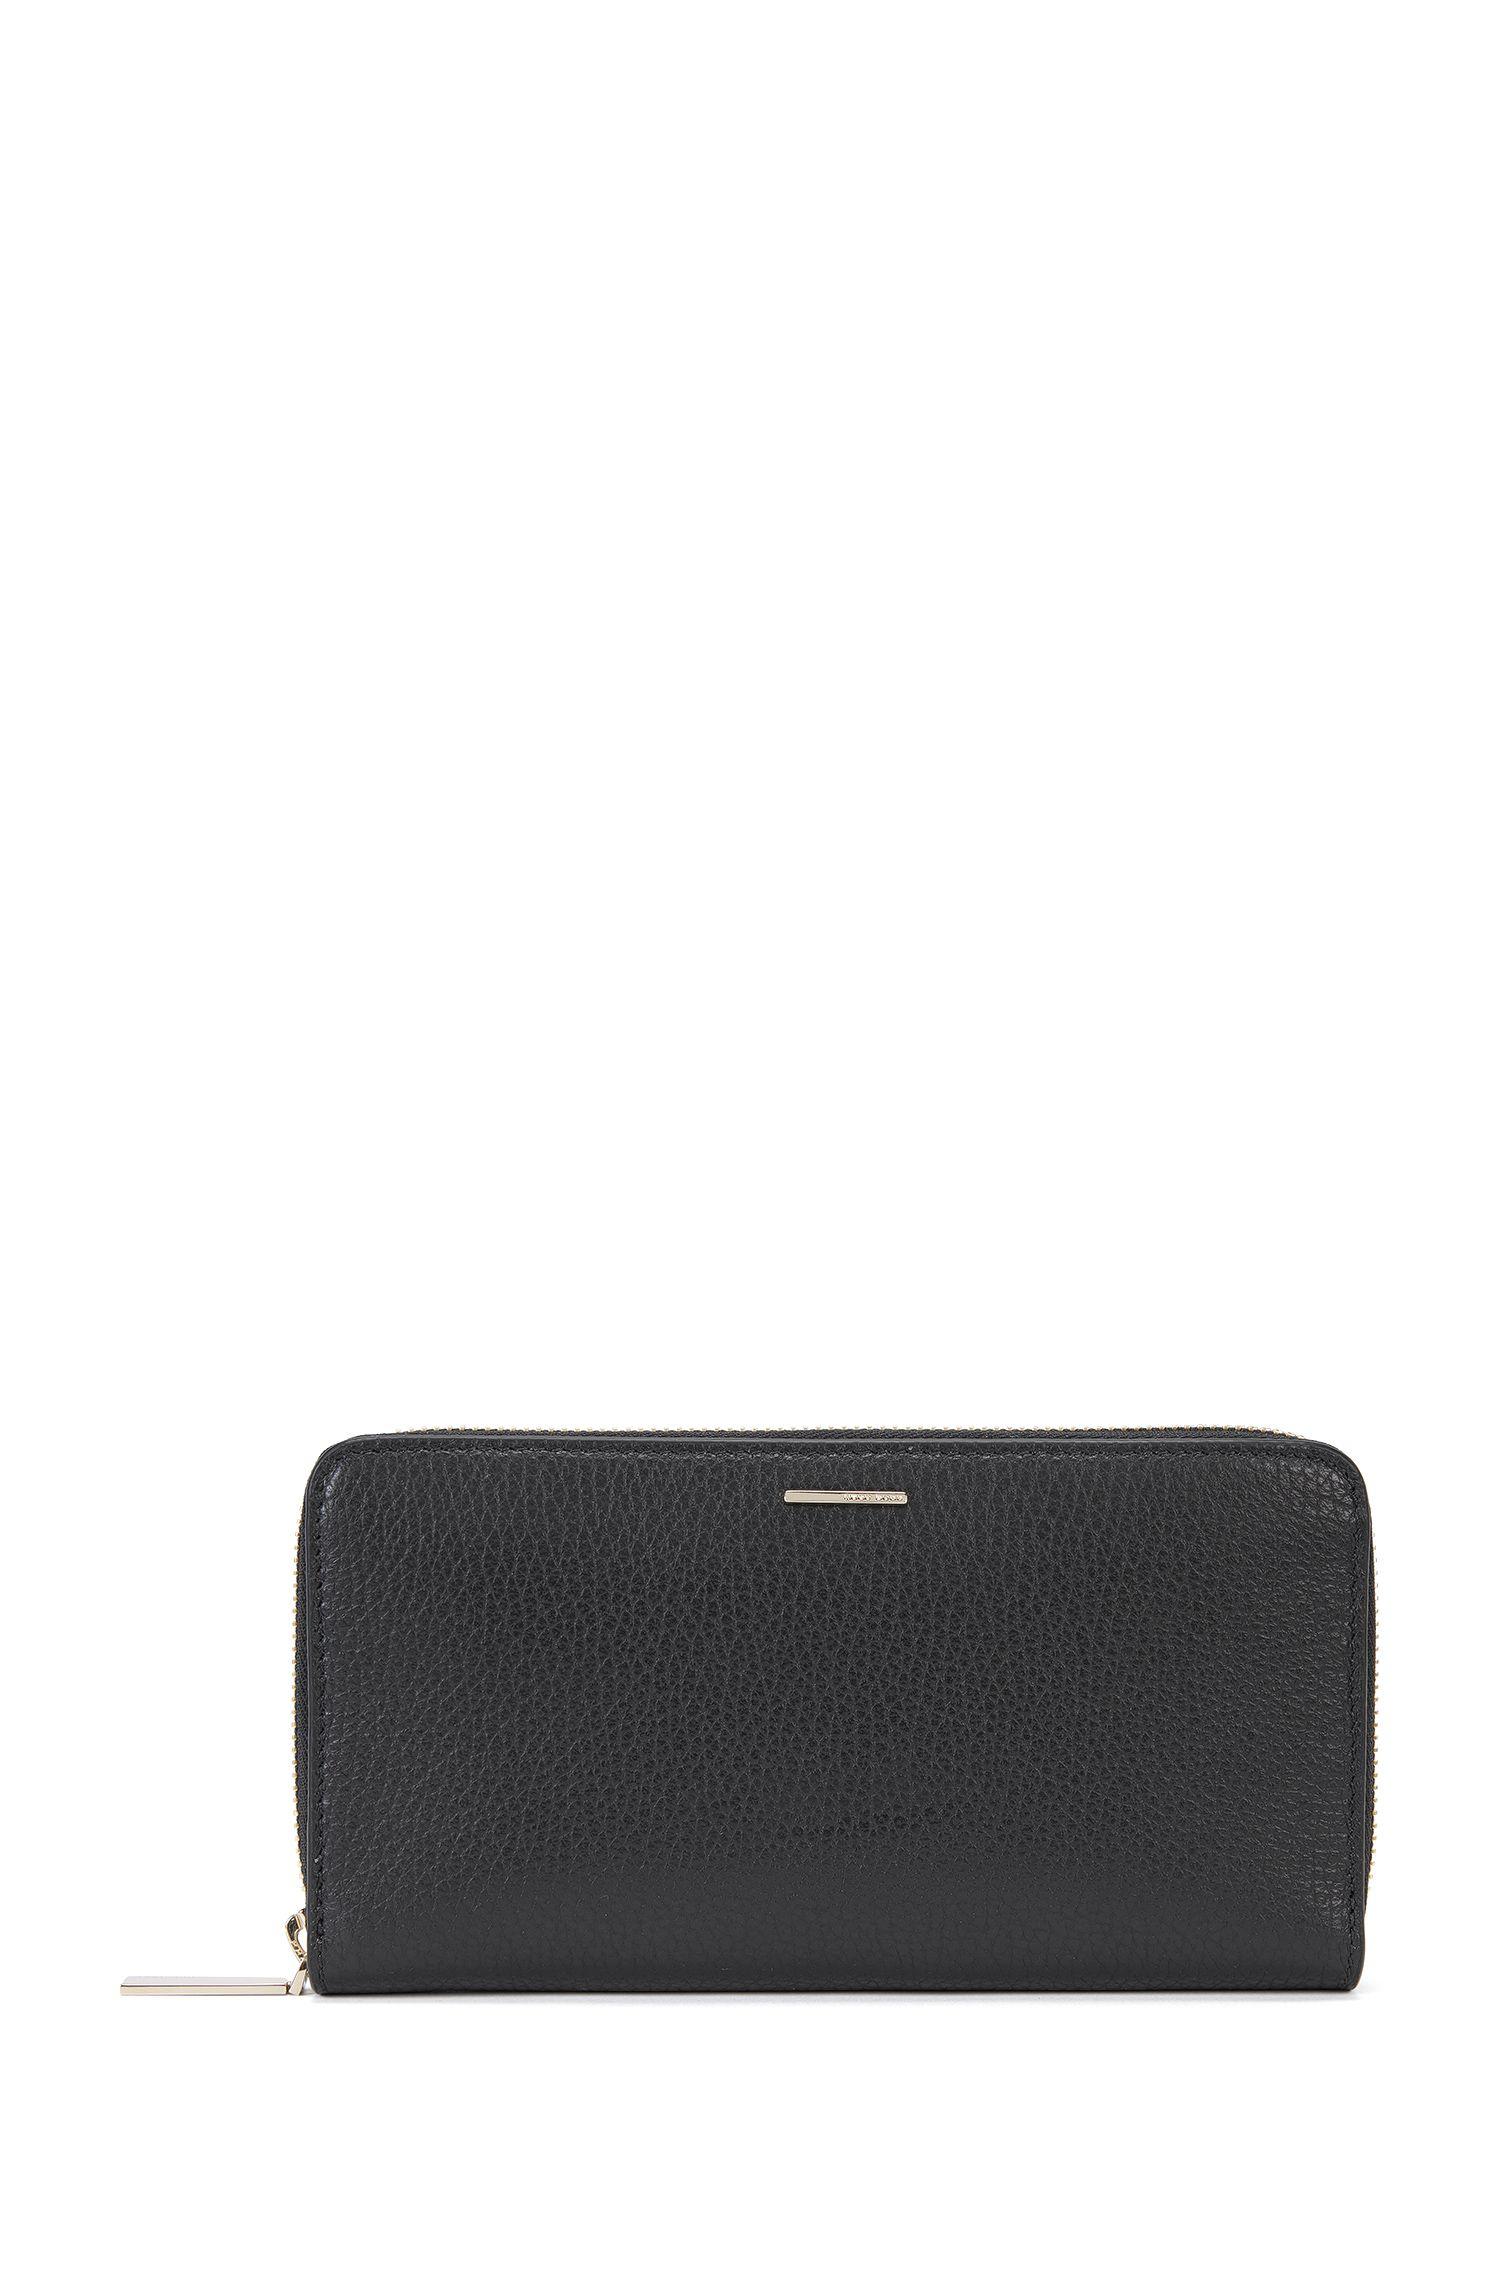 BOSS Luxury Staple wallet in grained leather